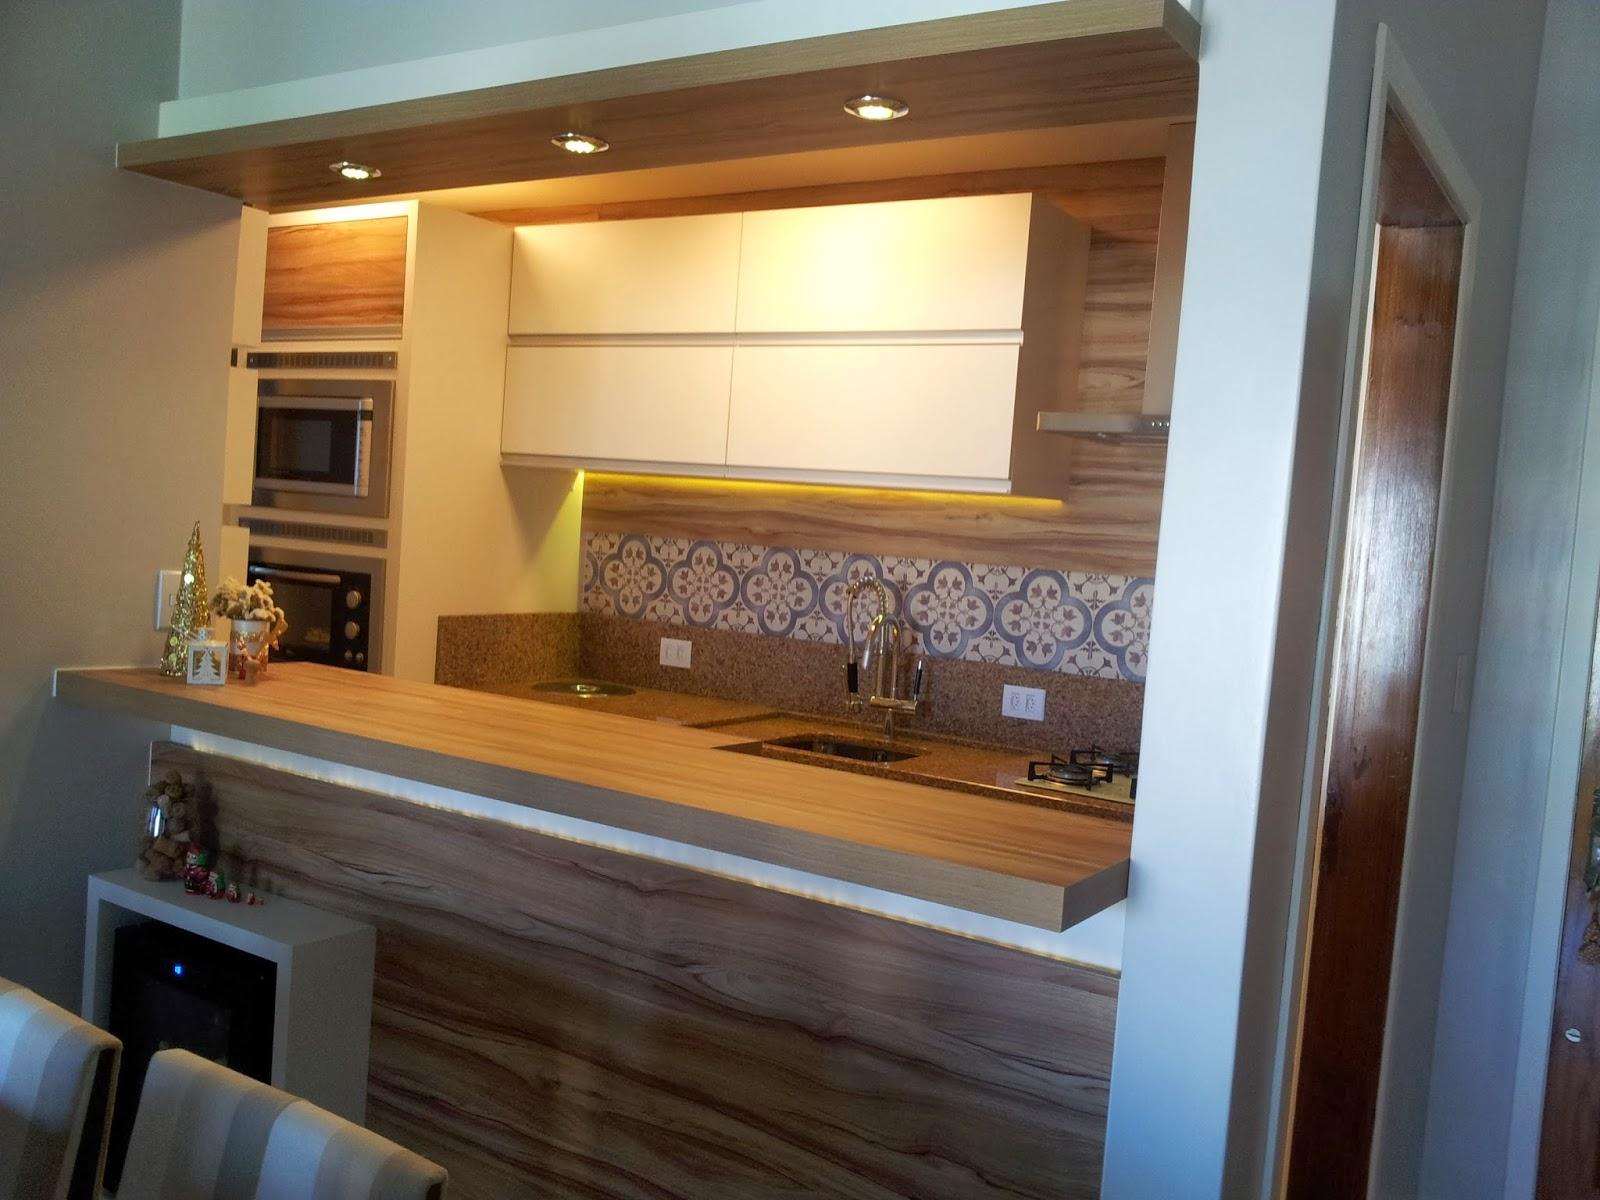 projeto de reforme de cozinha de um apartamento onde os clientes  #AA7822 1600 1200